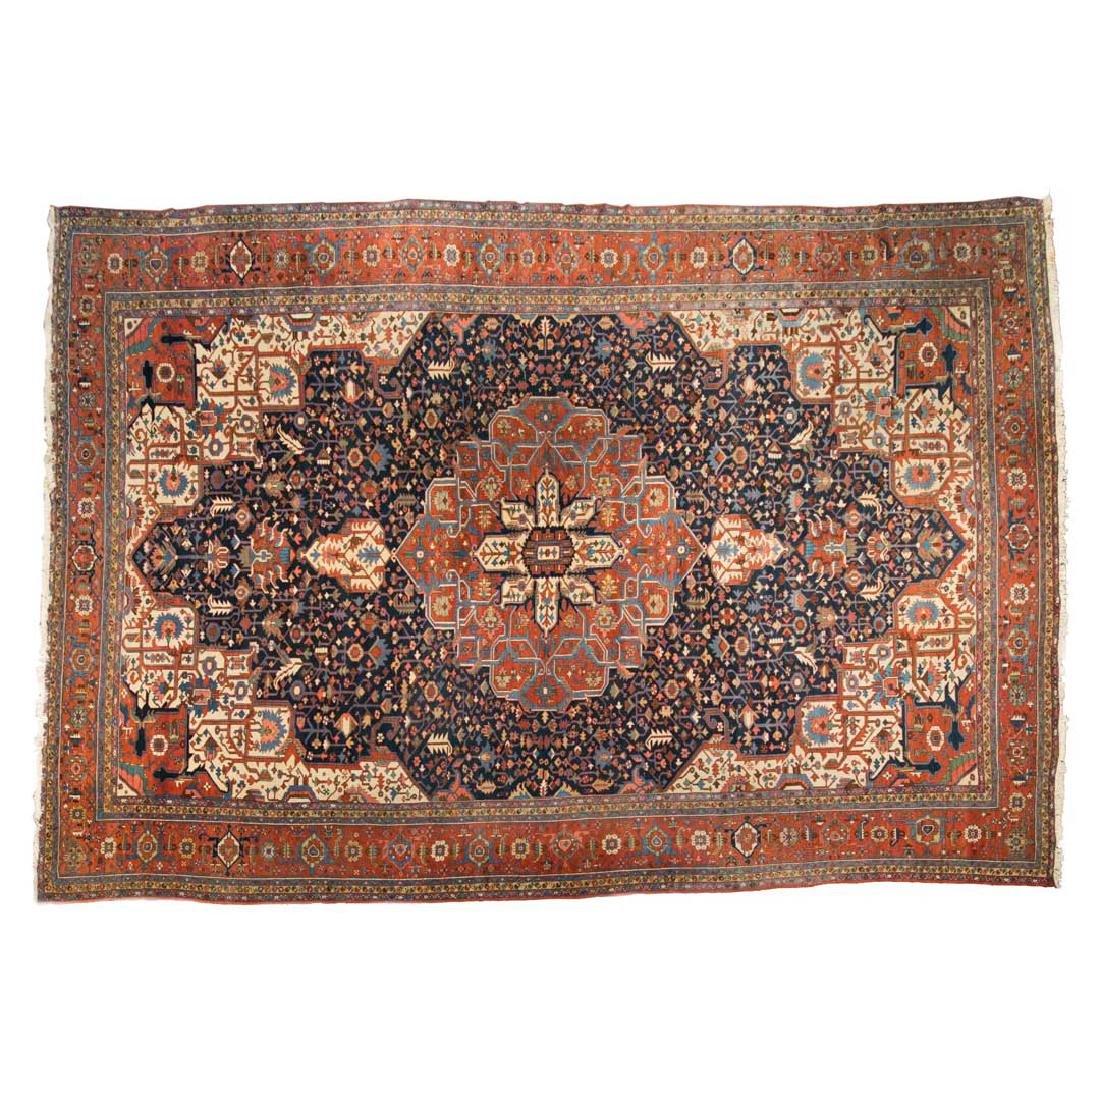 Rare antique Serapi carpet, approx. 15 x 21.7